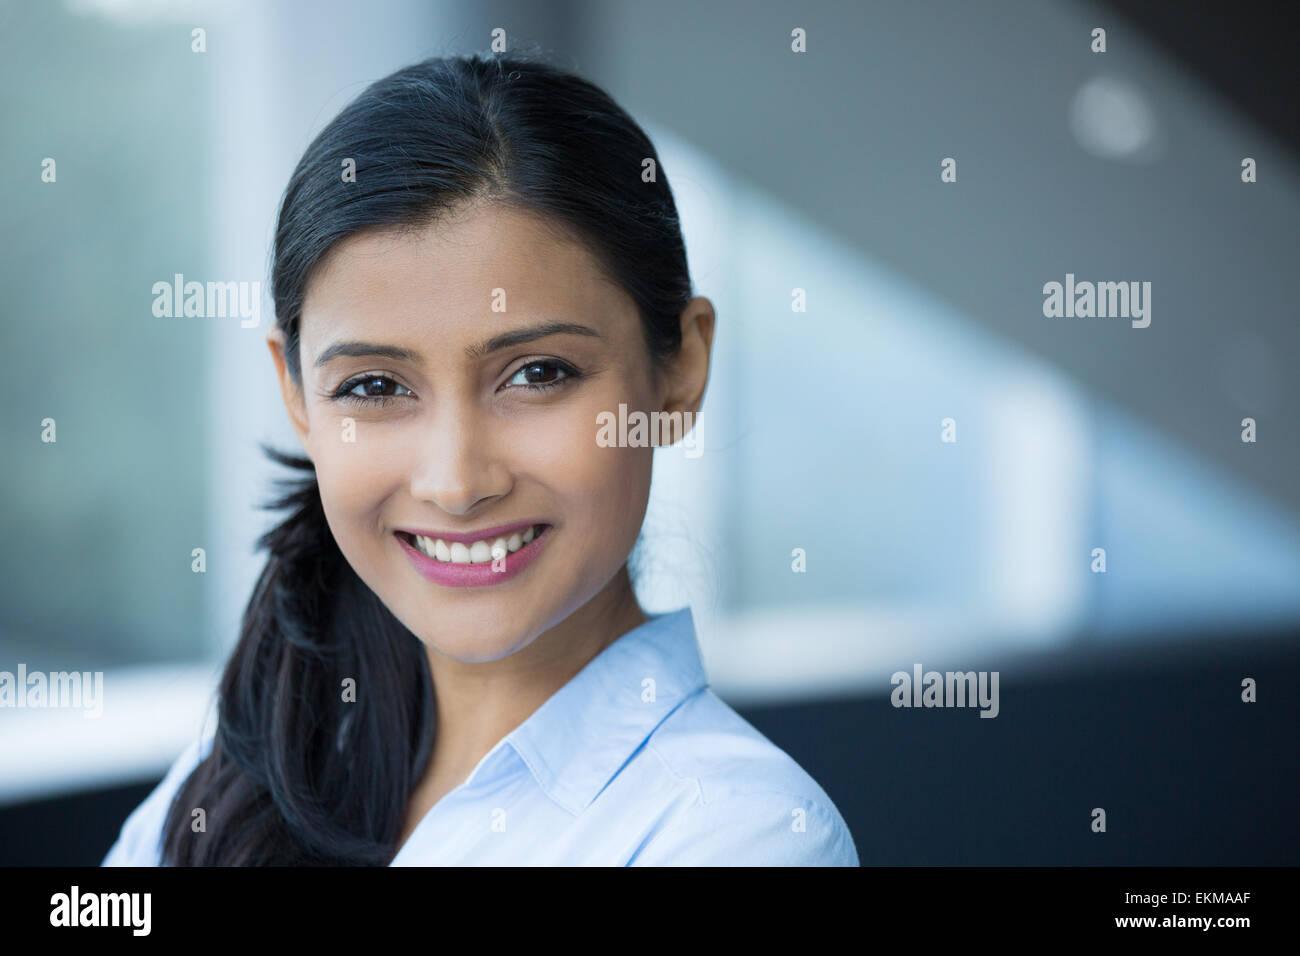 Closeup retrato, joven profesional, bella mujer confía en camisa azul, personalidad amable, sonriente aislados Imagen De Stock